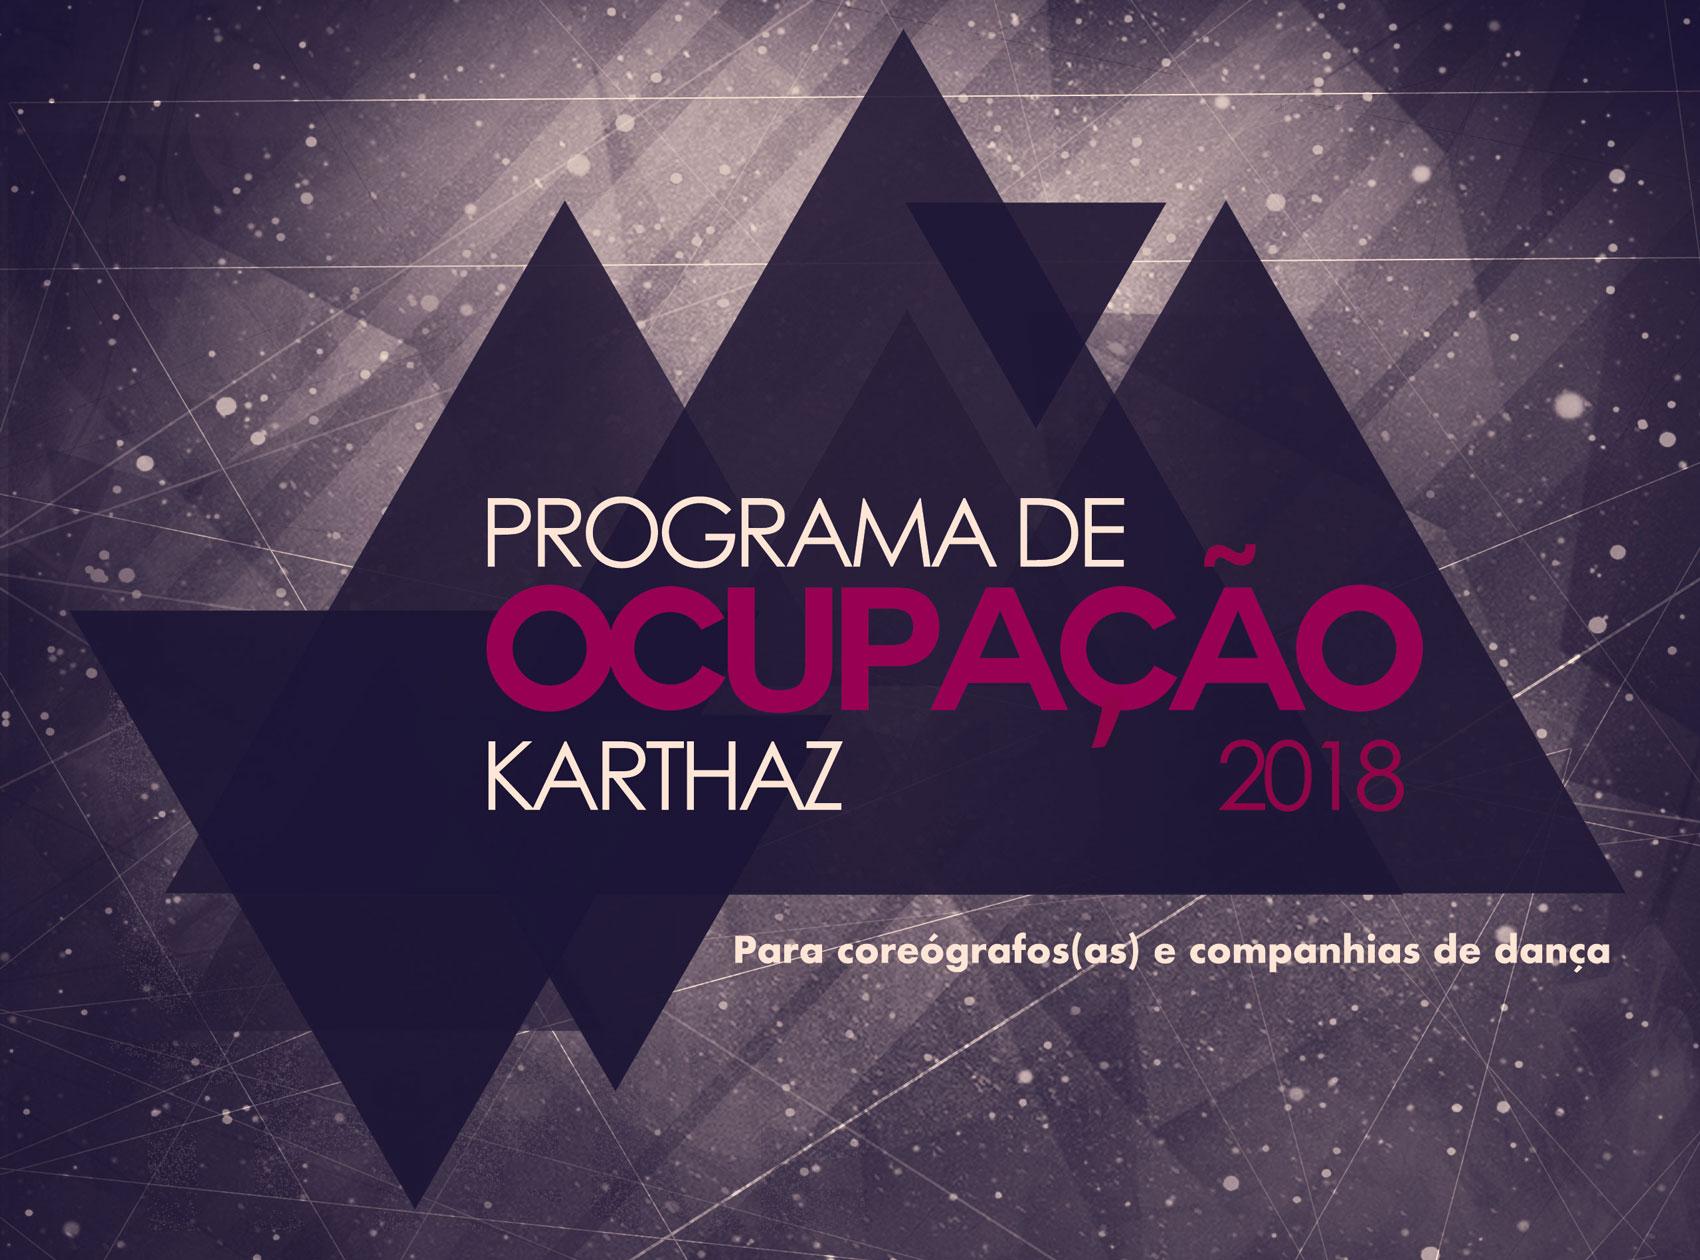 Karthaz Studio anuncia Convocatória para o  Programa de Ocupação Karthaz 2018